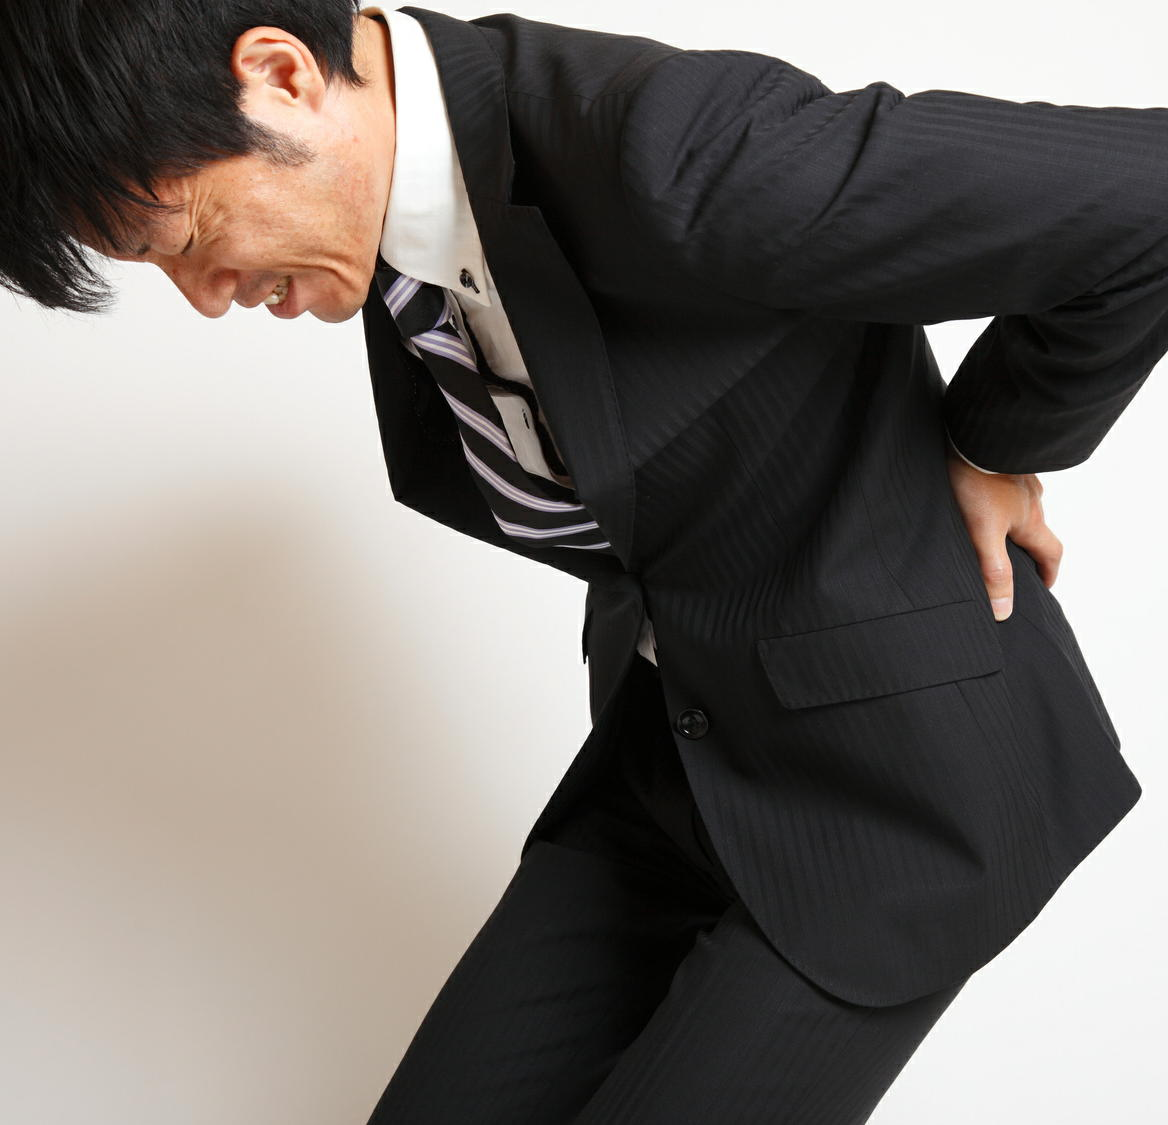 慢性腰痛患者の3人に1人が「仕事を辞めたい」 痛みが生活の質を低下